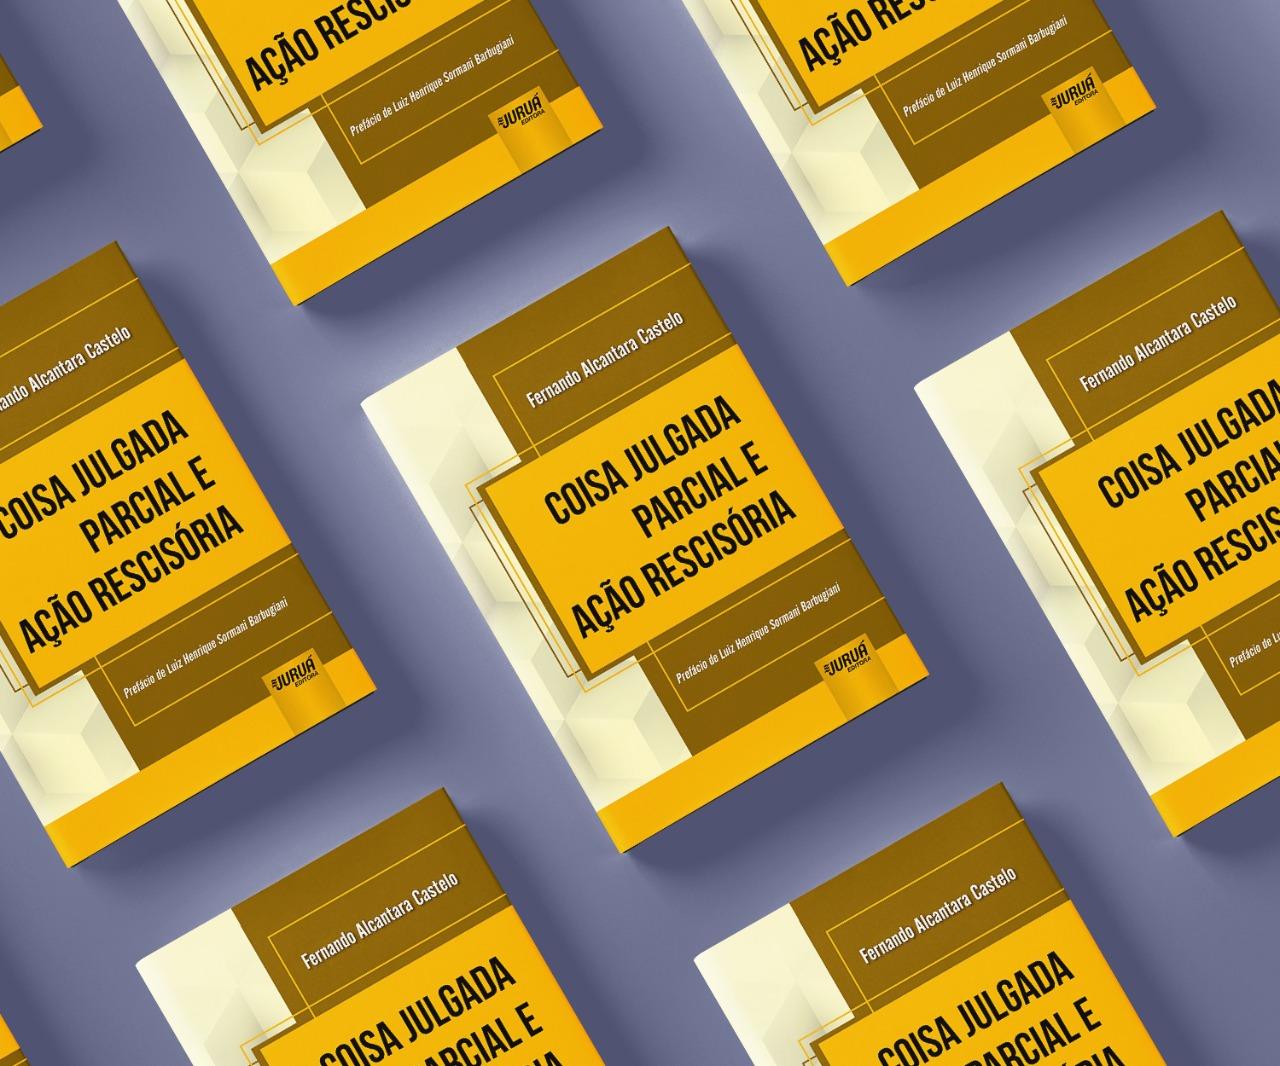 Fernando Castelo, Procurador do Estado e Presidente da APEP, lança livro pela Juruá Editora